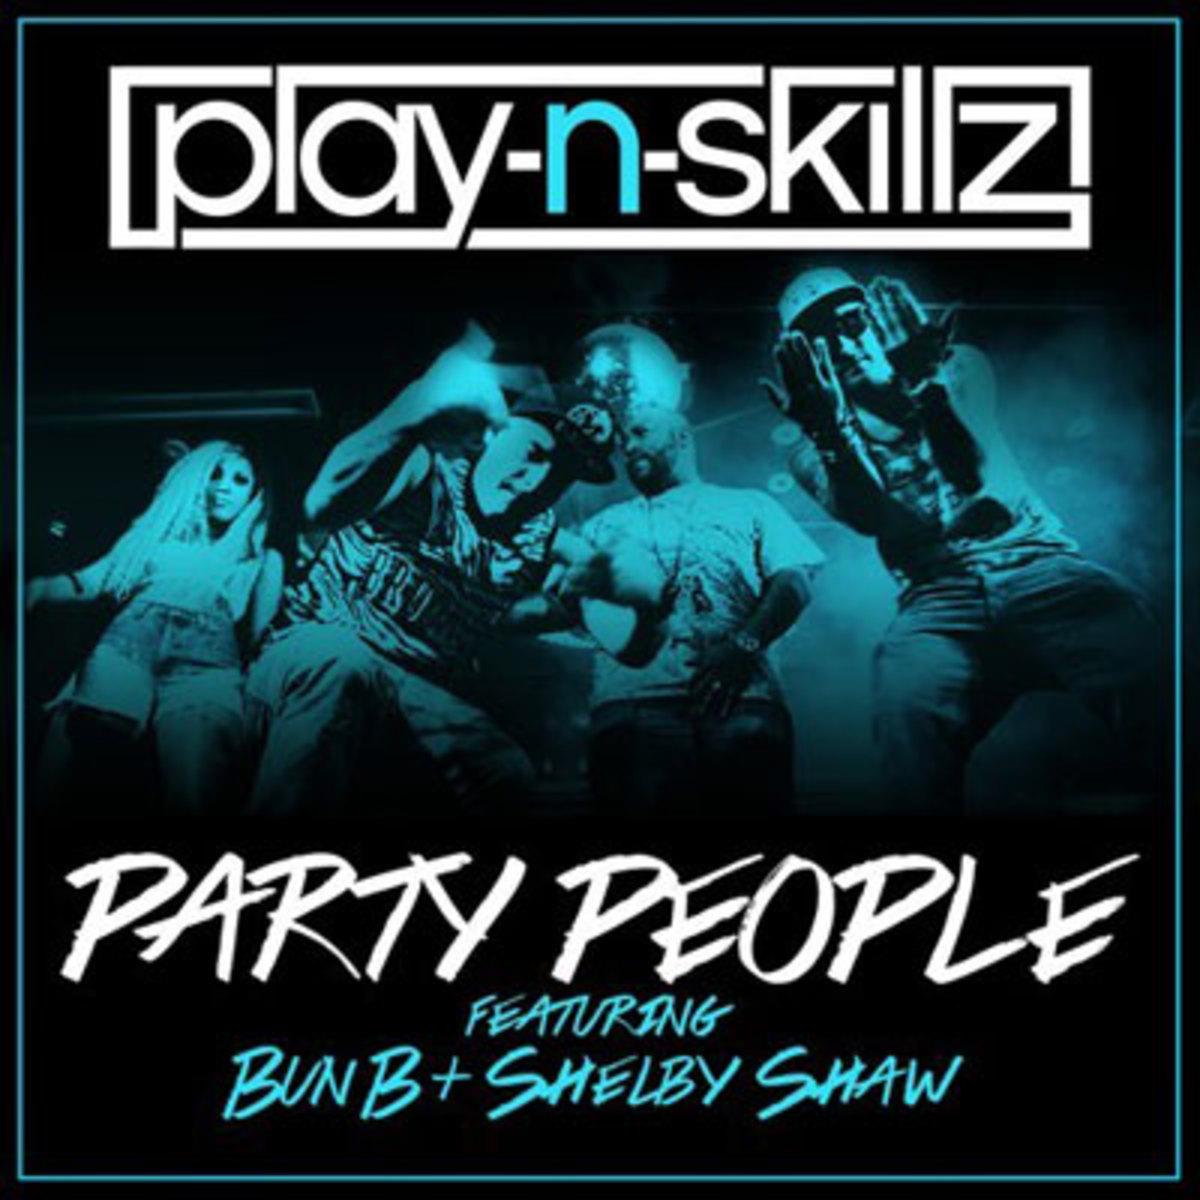 playnskillz-partypeople.jpg